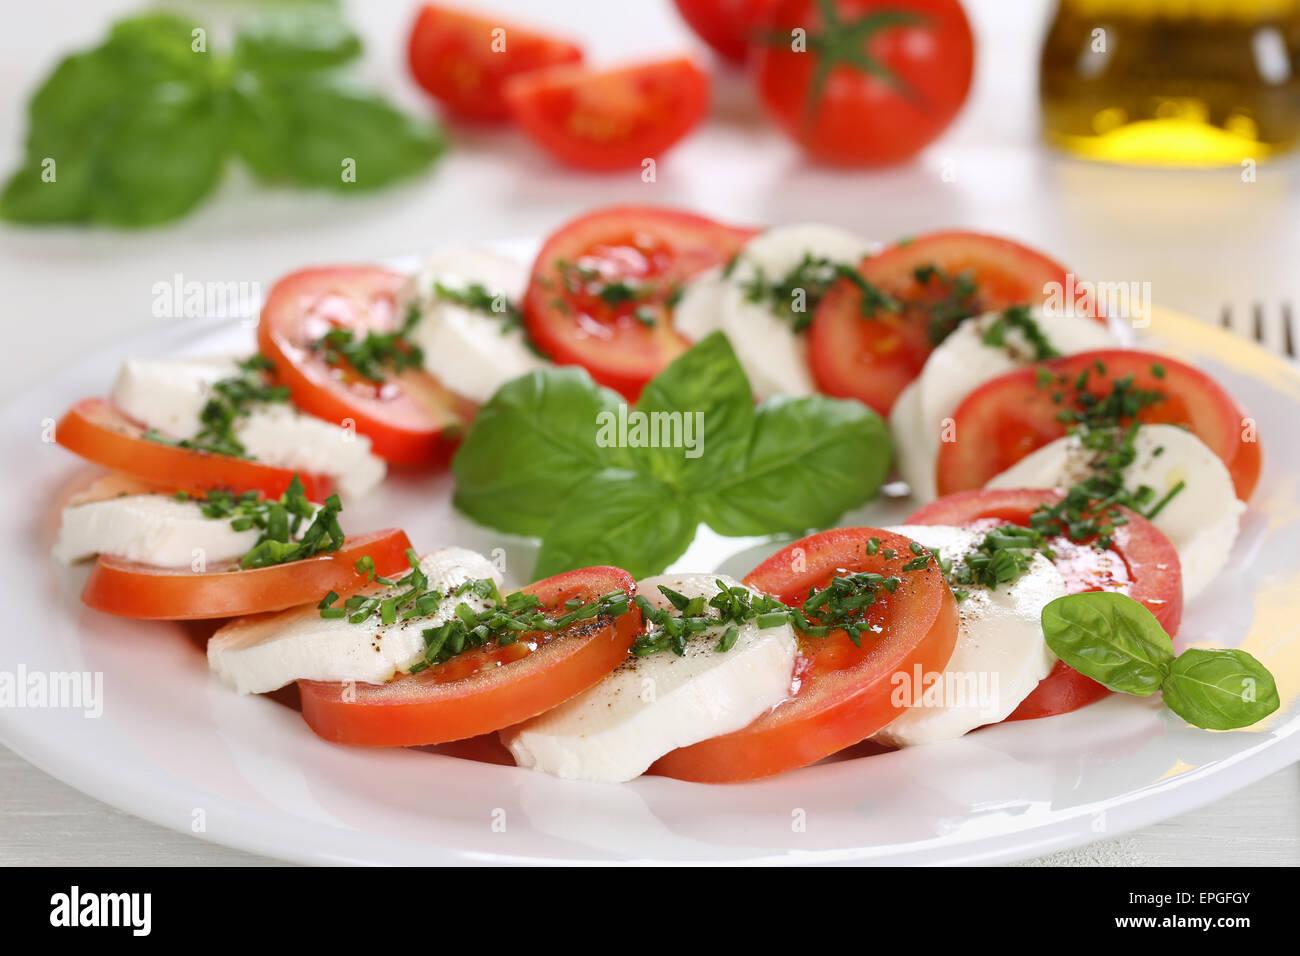 Caprese Salat Mit Tomaten Und Mozzarella Kse Auf Teller